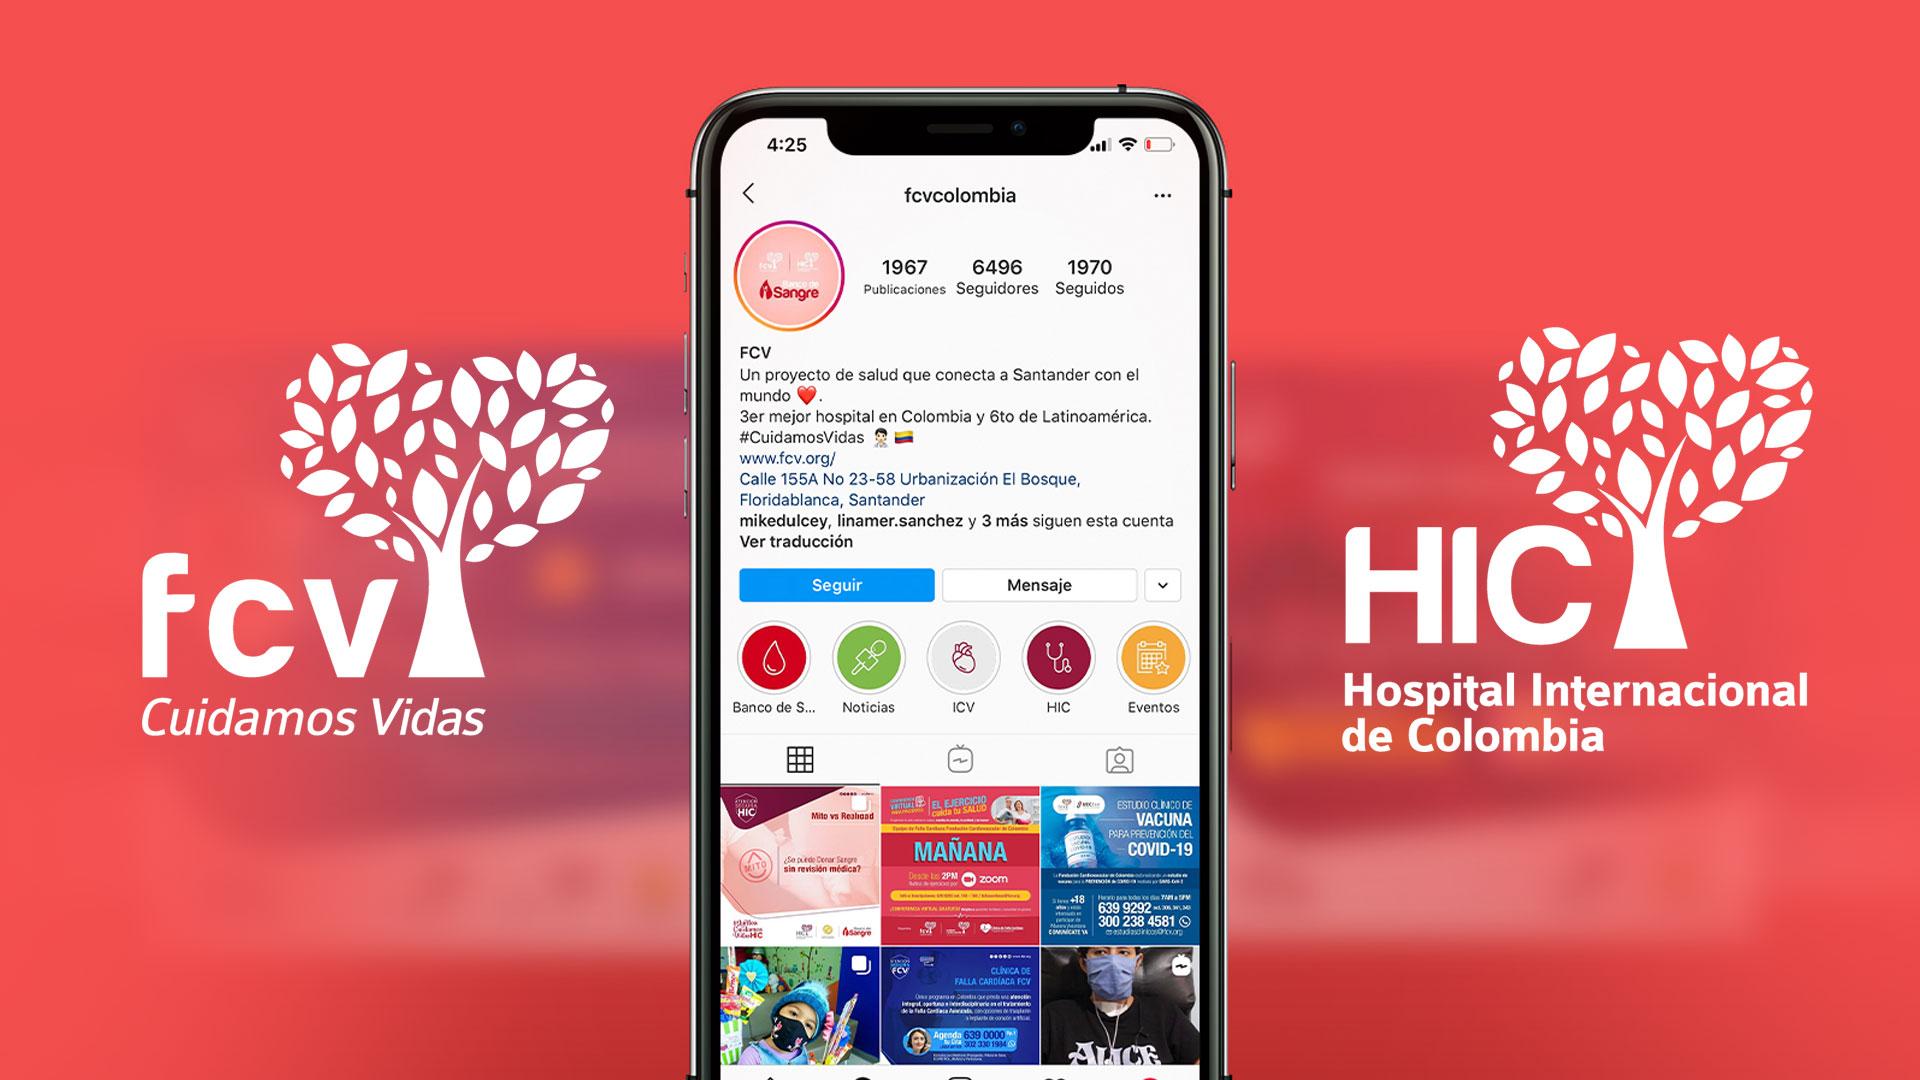 Marketing Digital FCV - HIC - MAD agencia